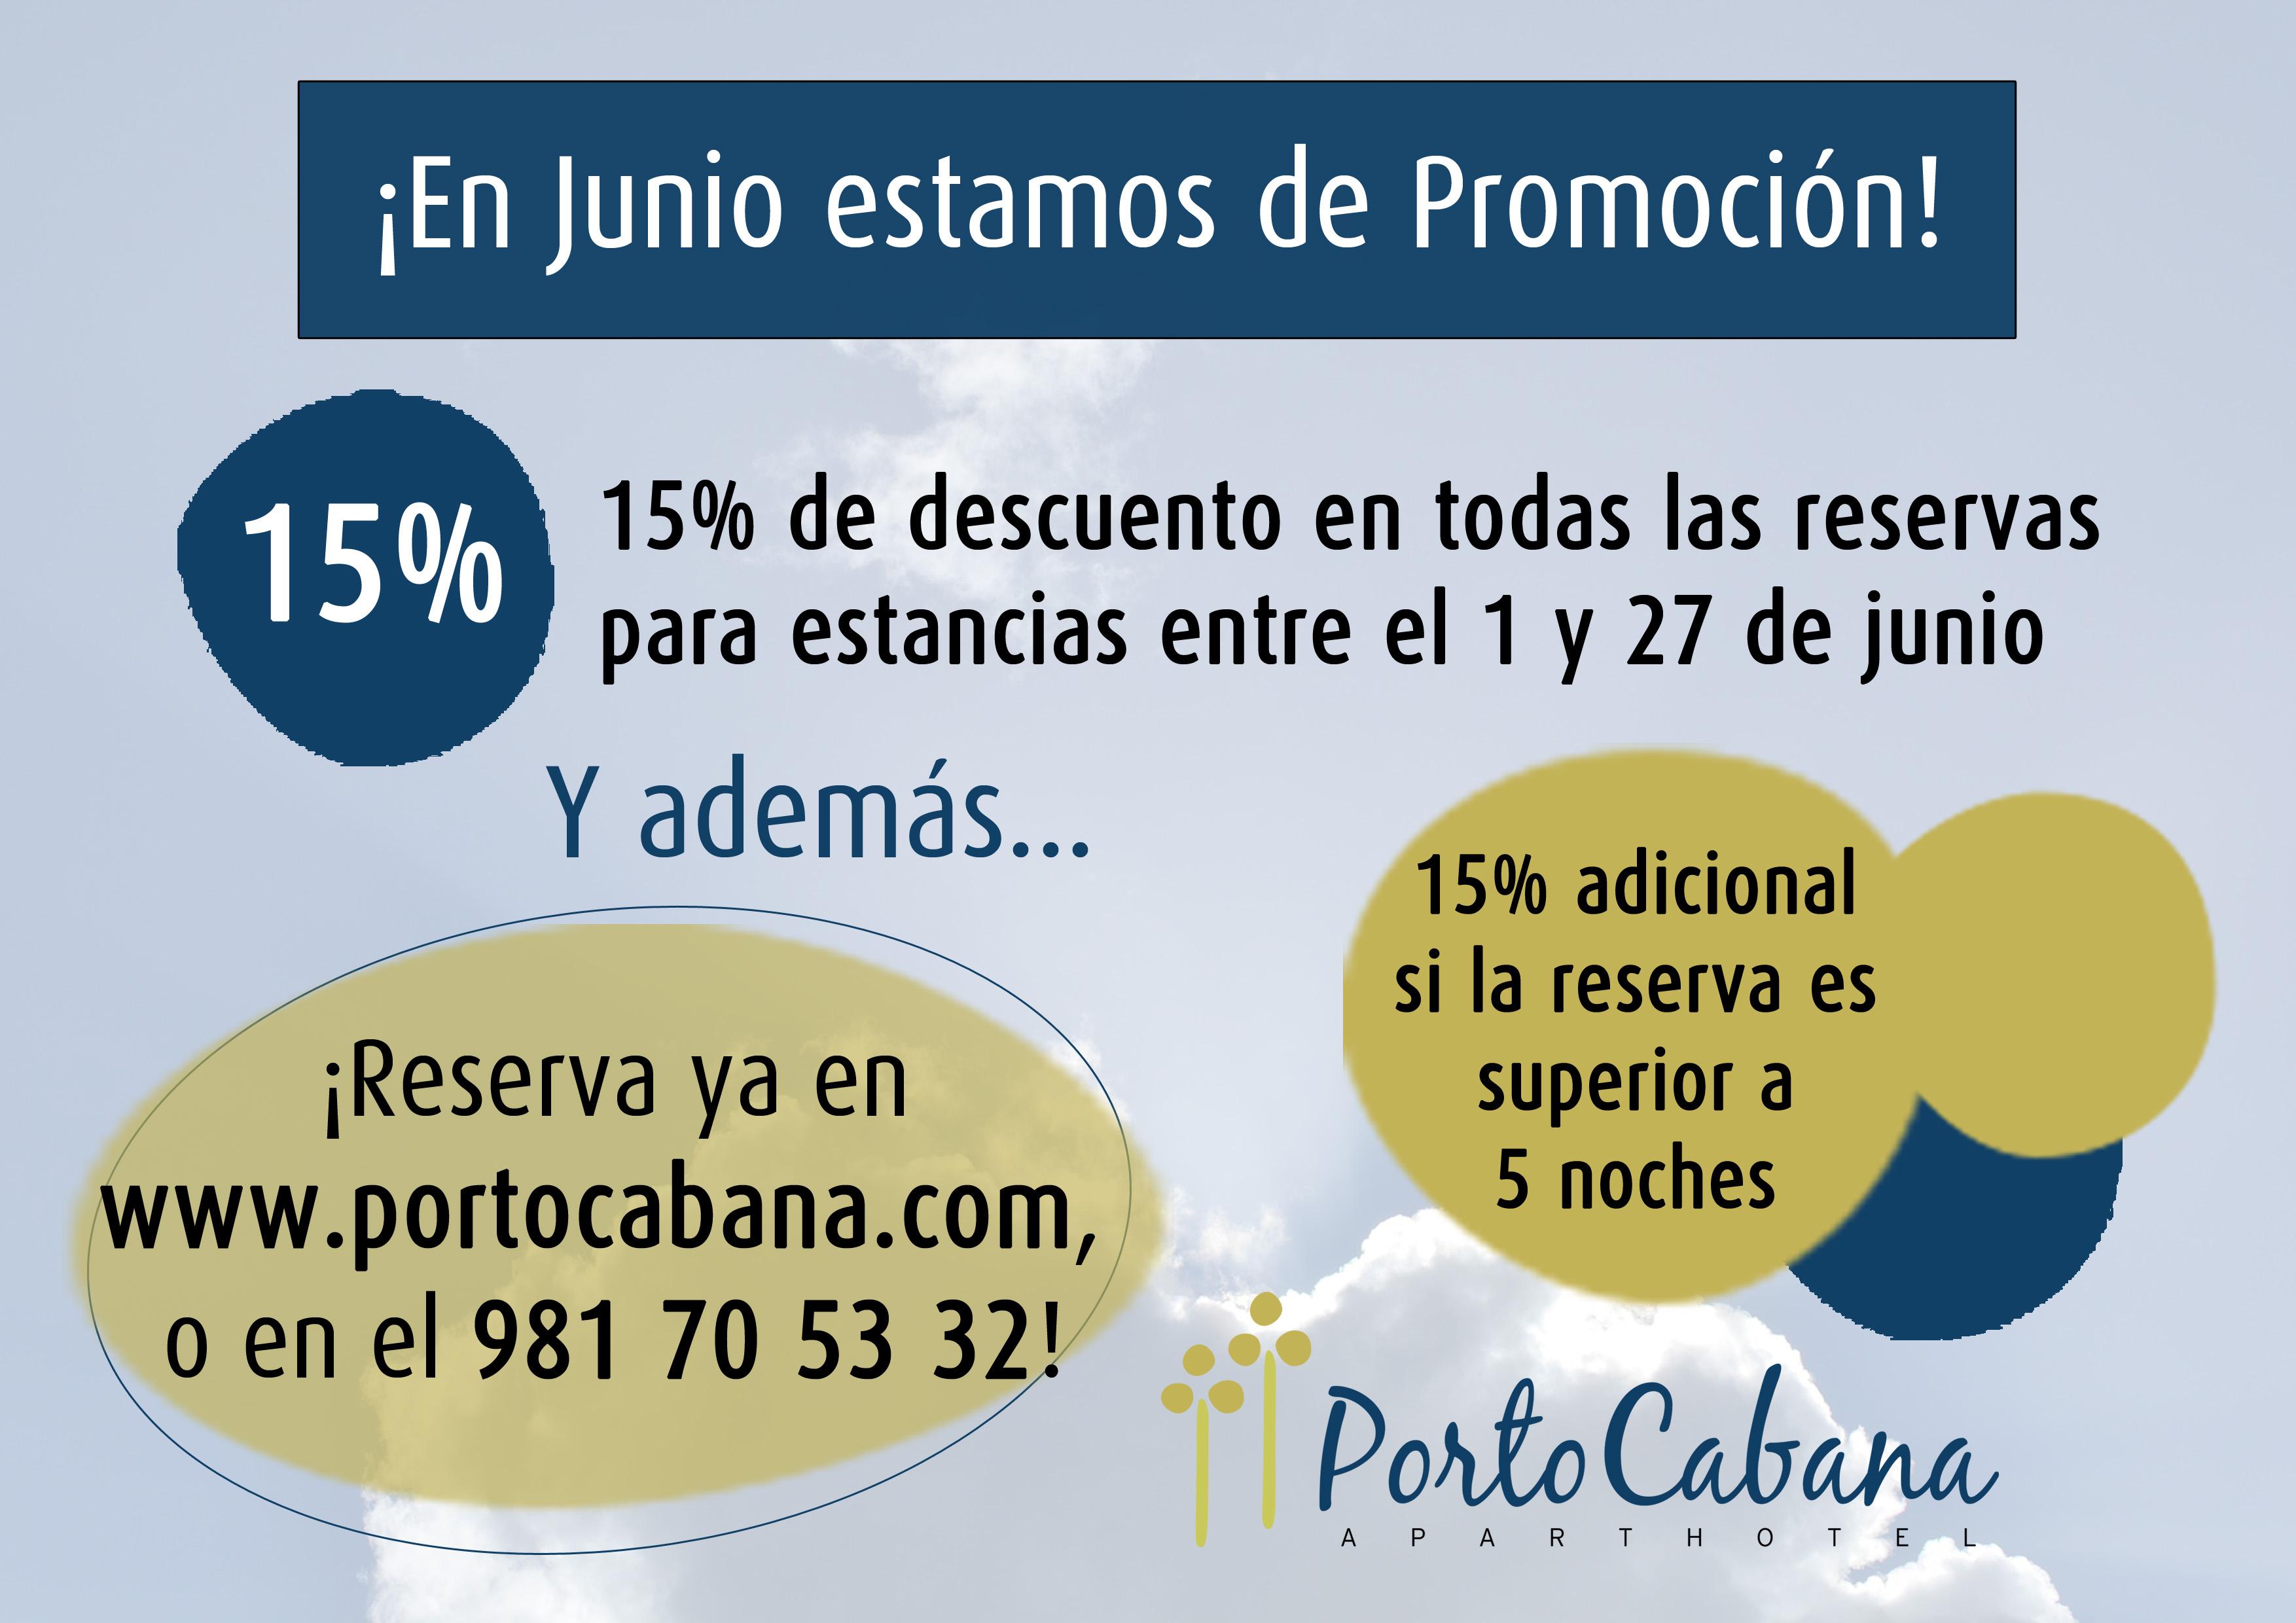 Promoción_Junio_Porto_Cabana.jpg